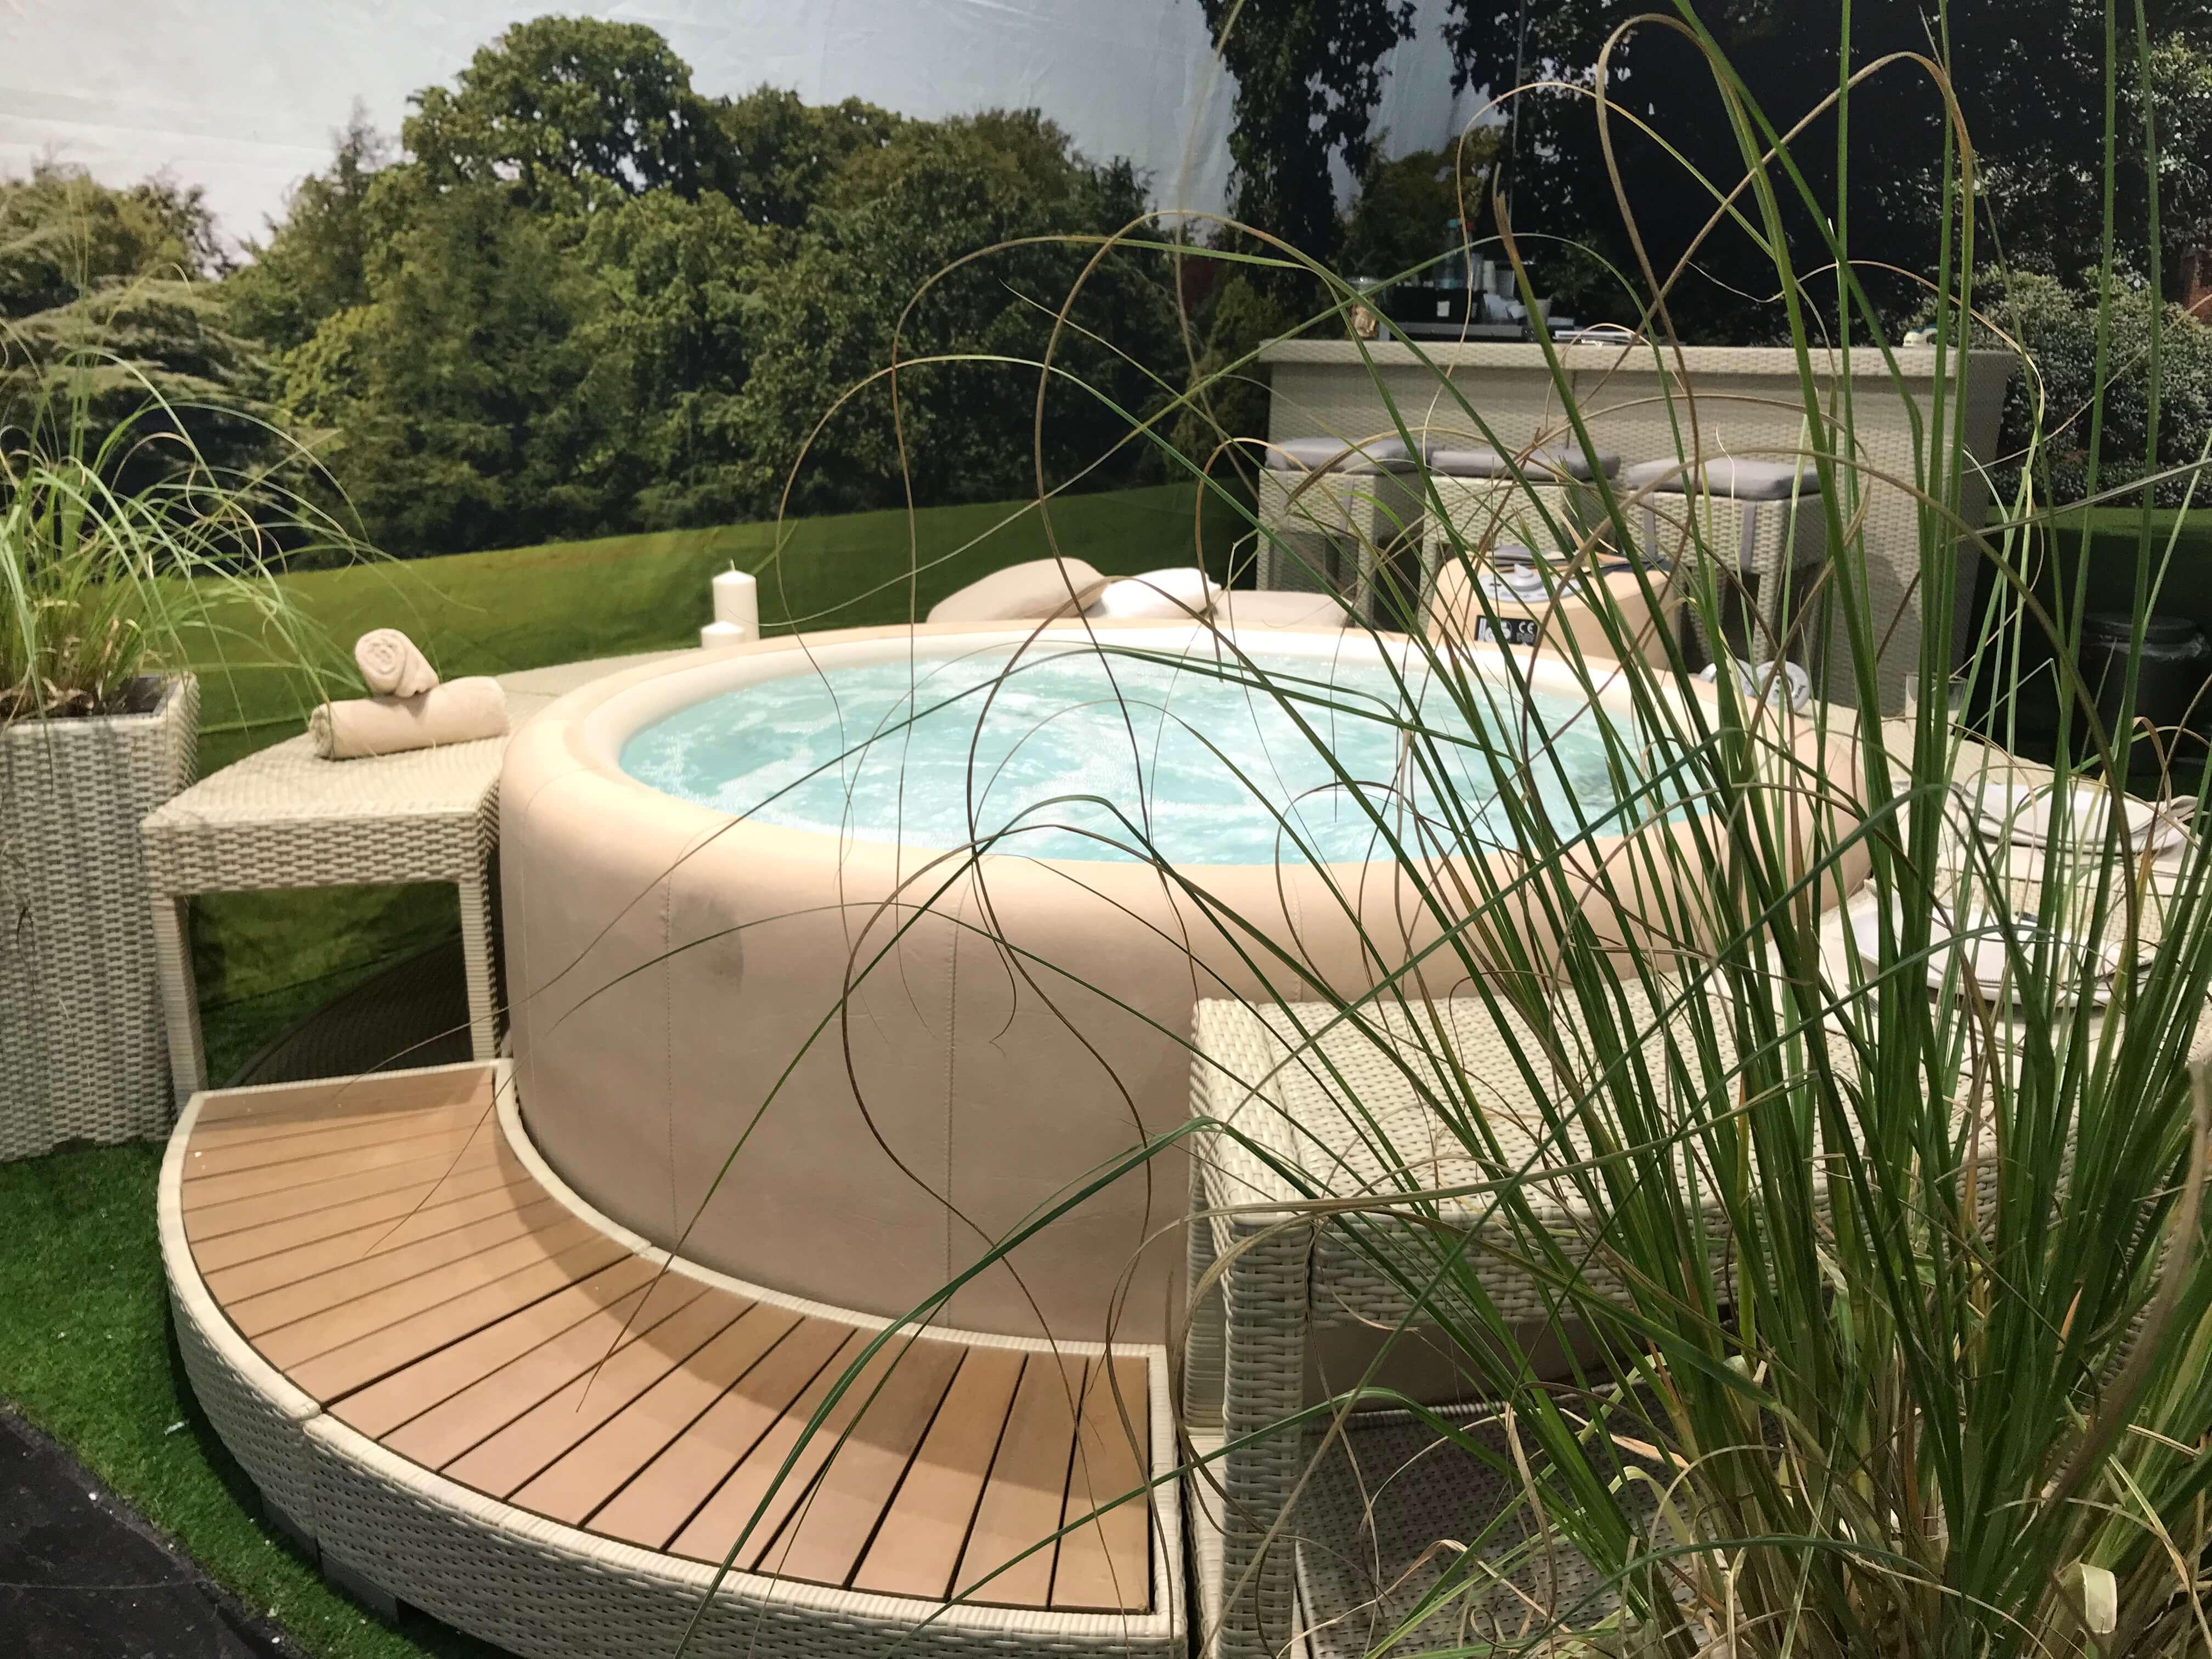 Pool mit Sitzgelegenheit - Stil für den Außenbereich